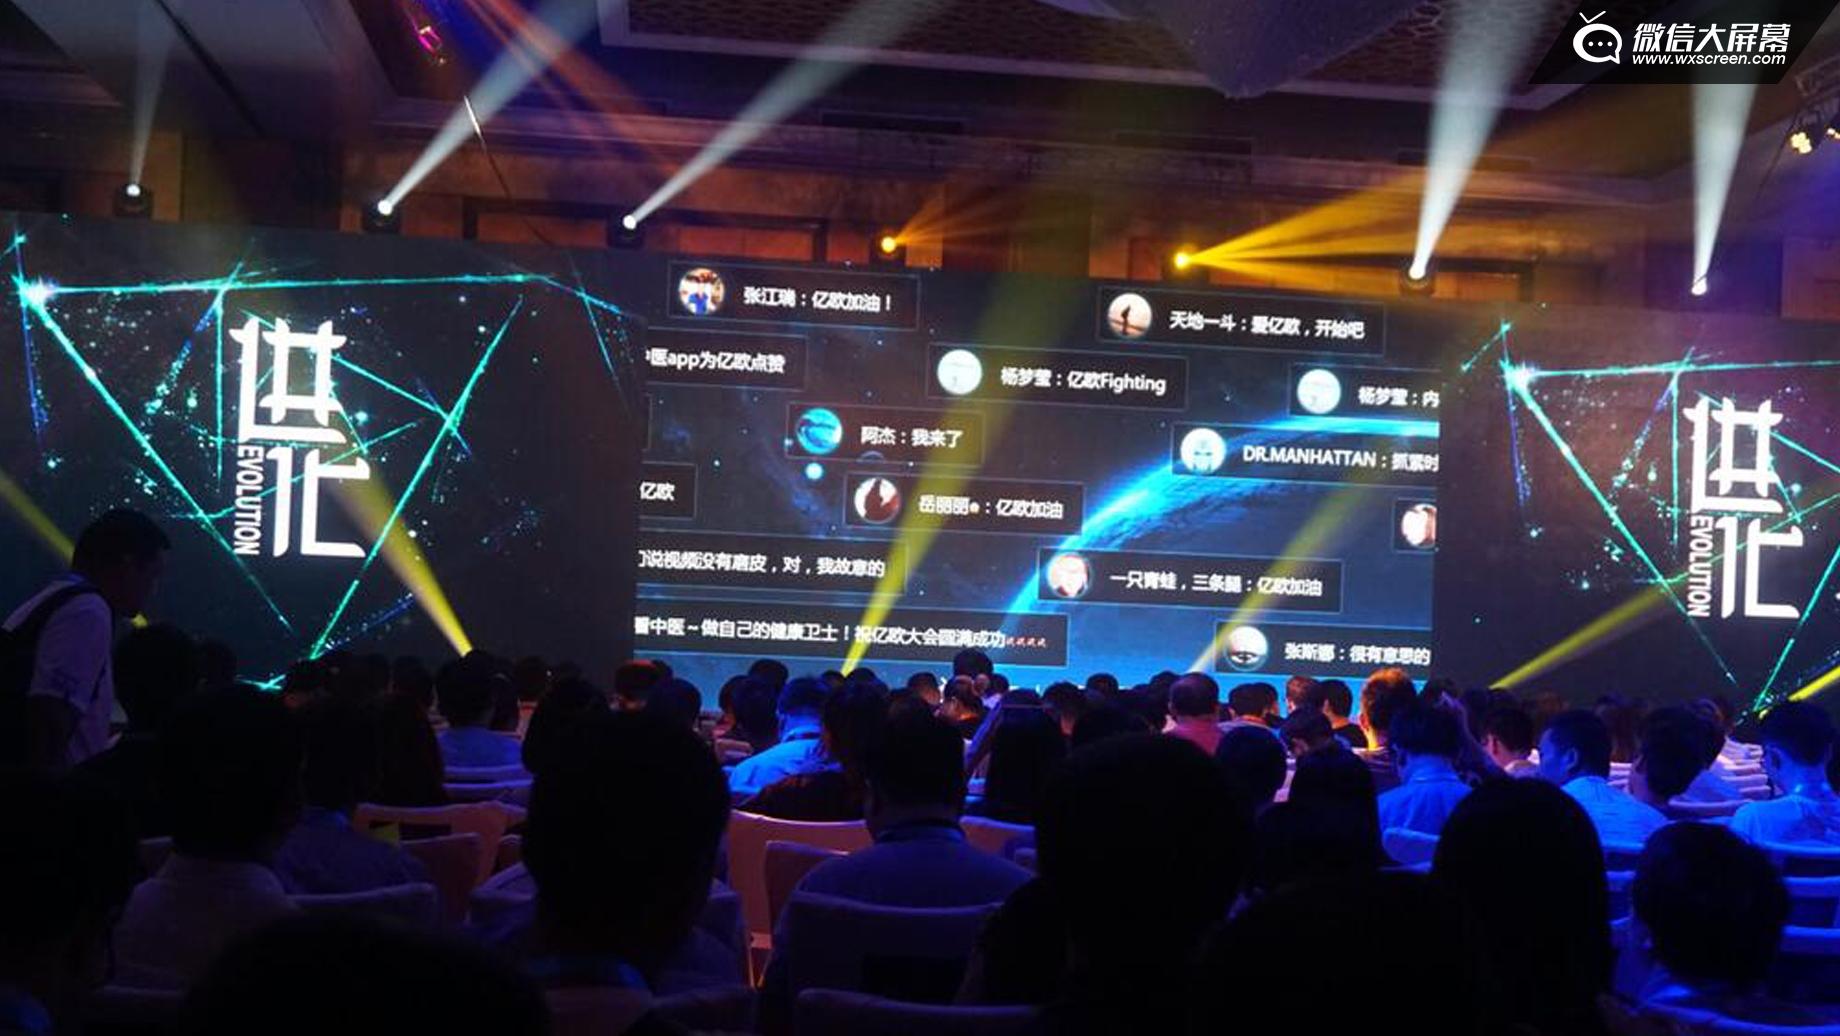 趣现场二度助力亿欧网创新峰会 弹幕、打赏high不停!